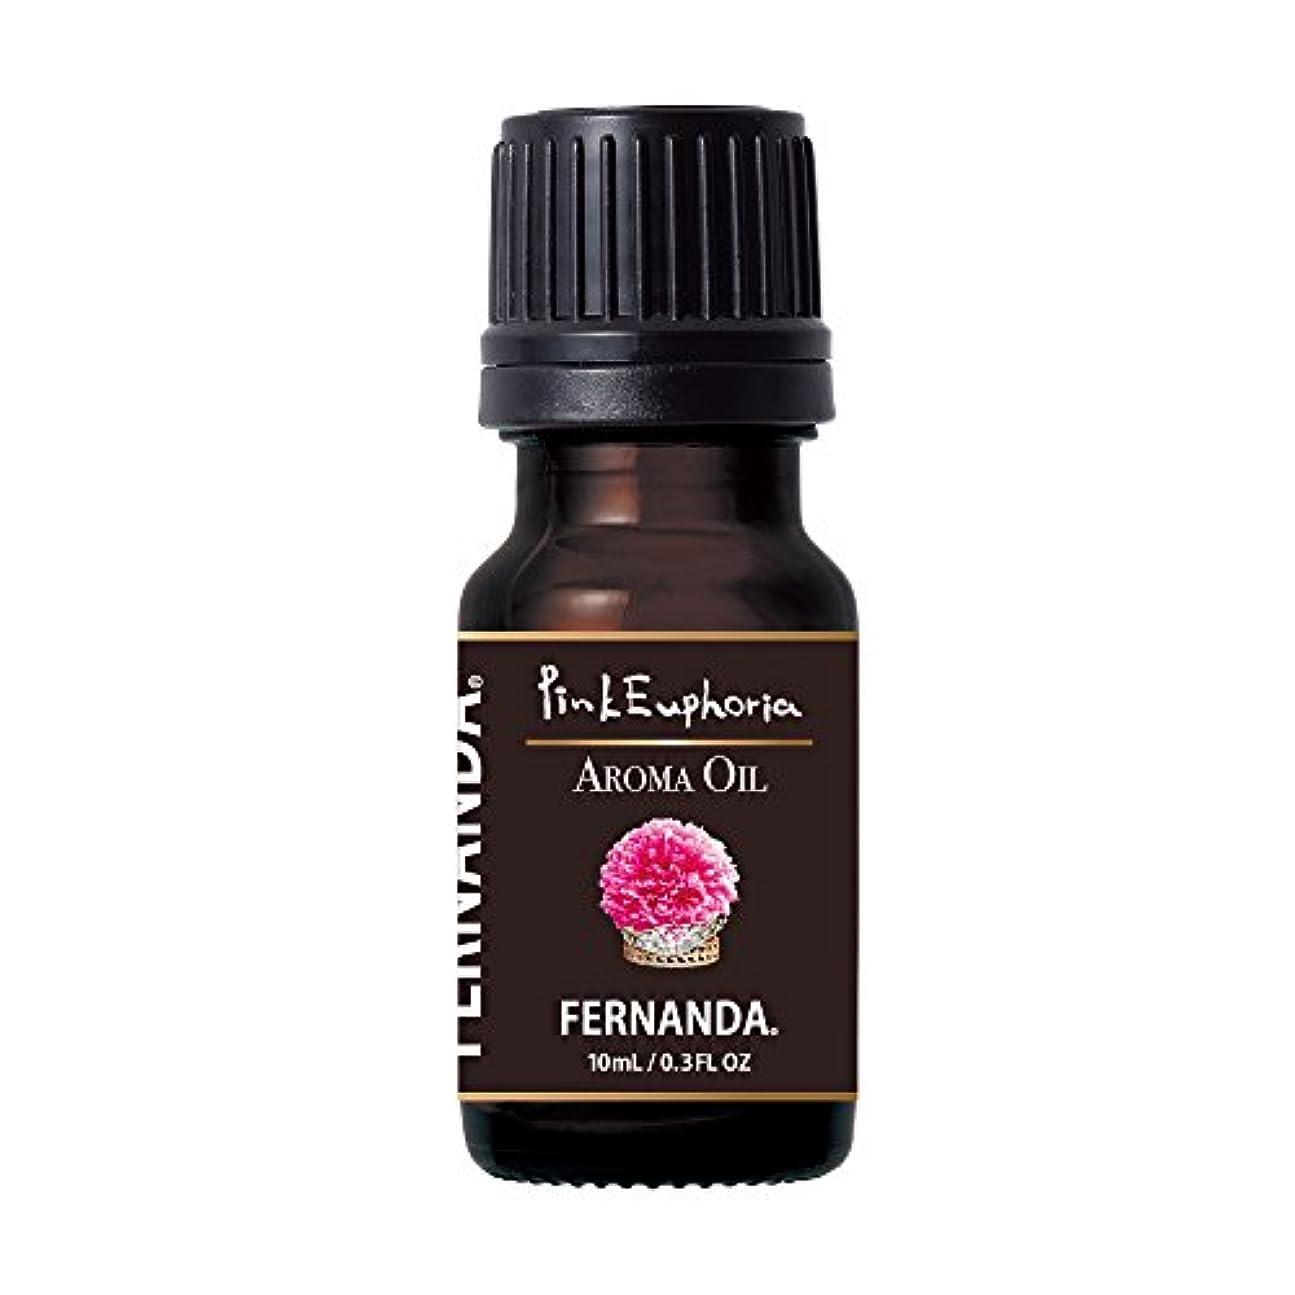 散文私たち承認するFERNANDA(フェルナンダ) Fragrance Aroma Oil Pink Euphoria (アロマオイル ピンクエウフォリア)